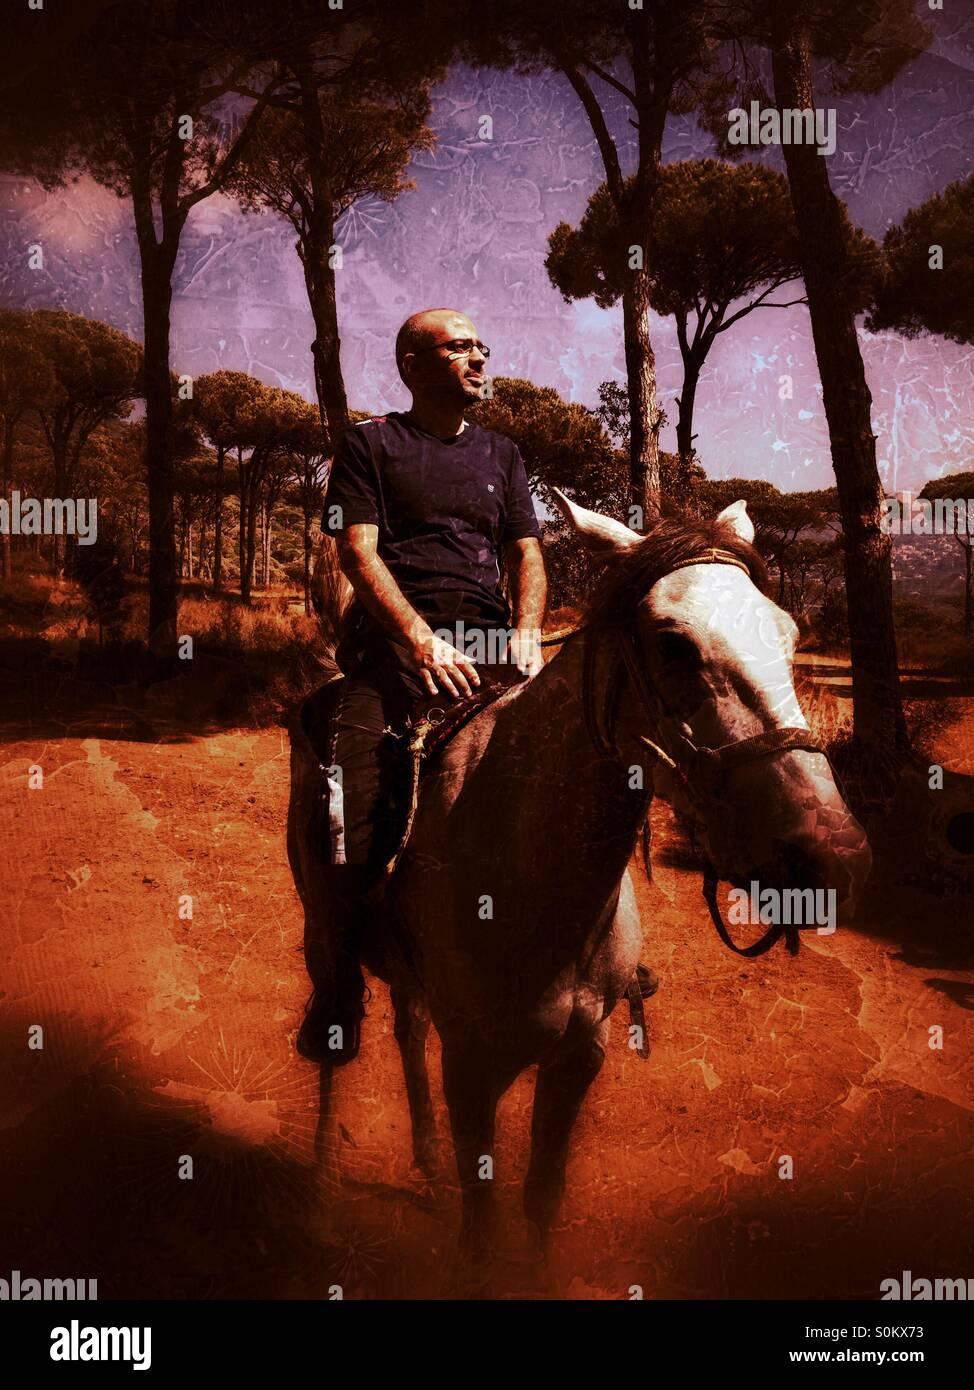 Un varón de mediana edad a caballo con orgullo en el bosque Imagen De Stock